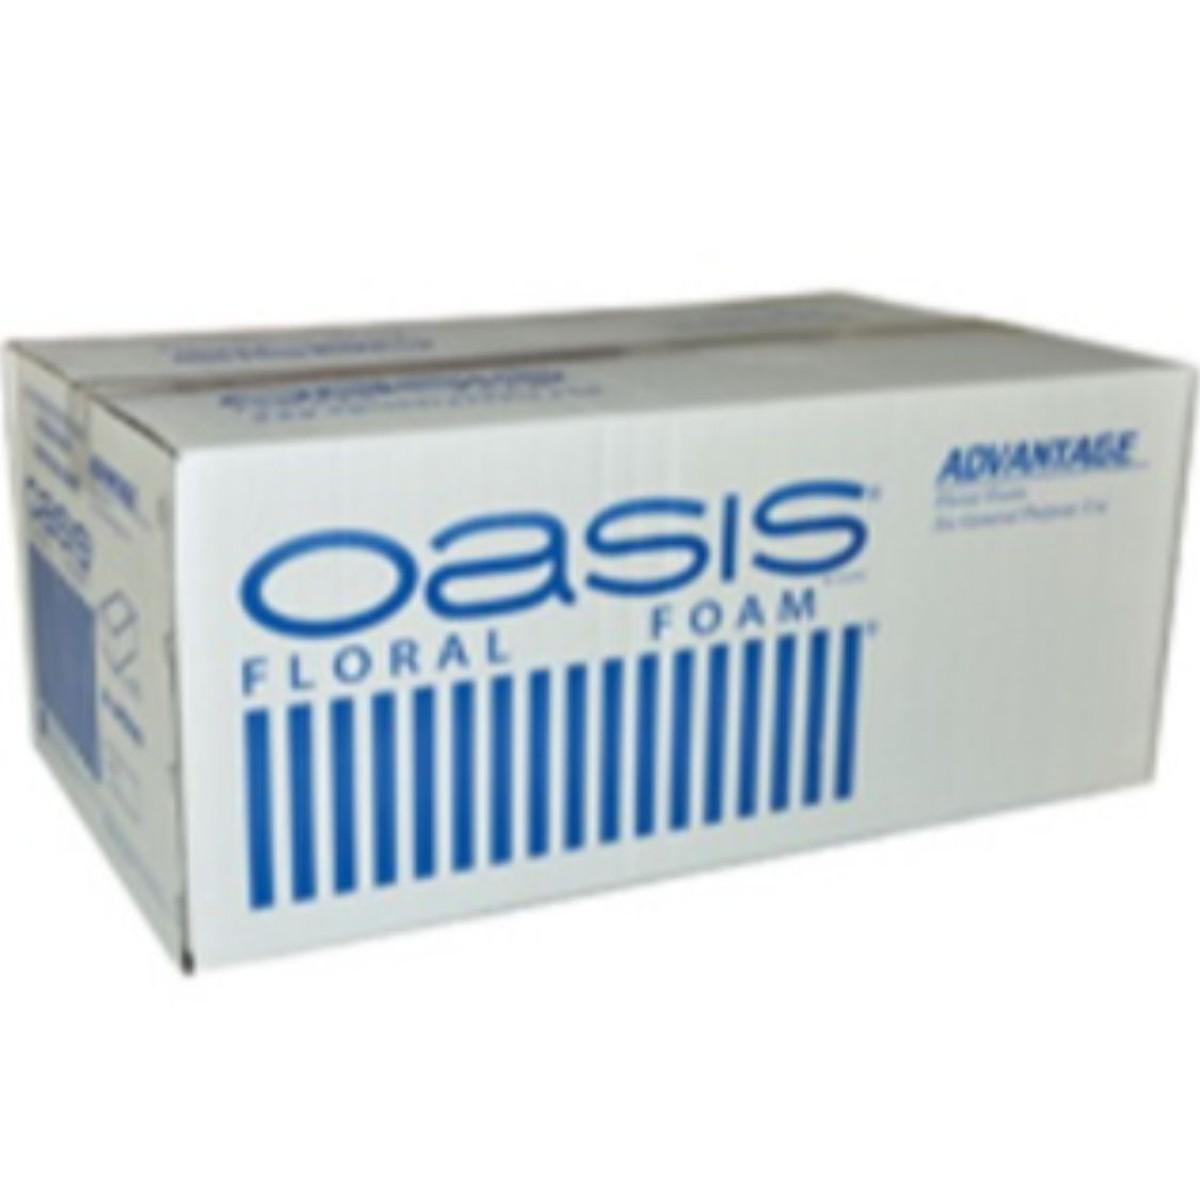 Advantage Brick (20 Nos) Oasis Floral Foam